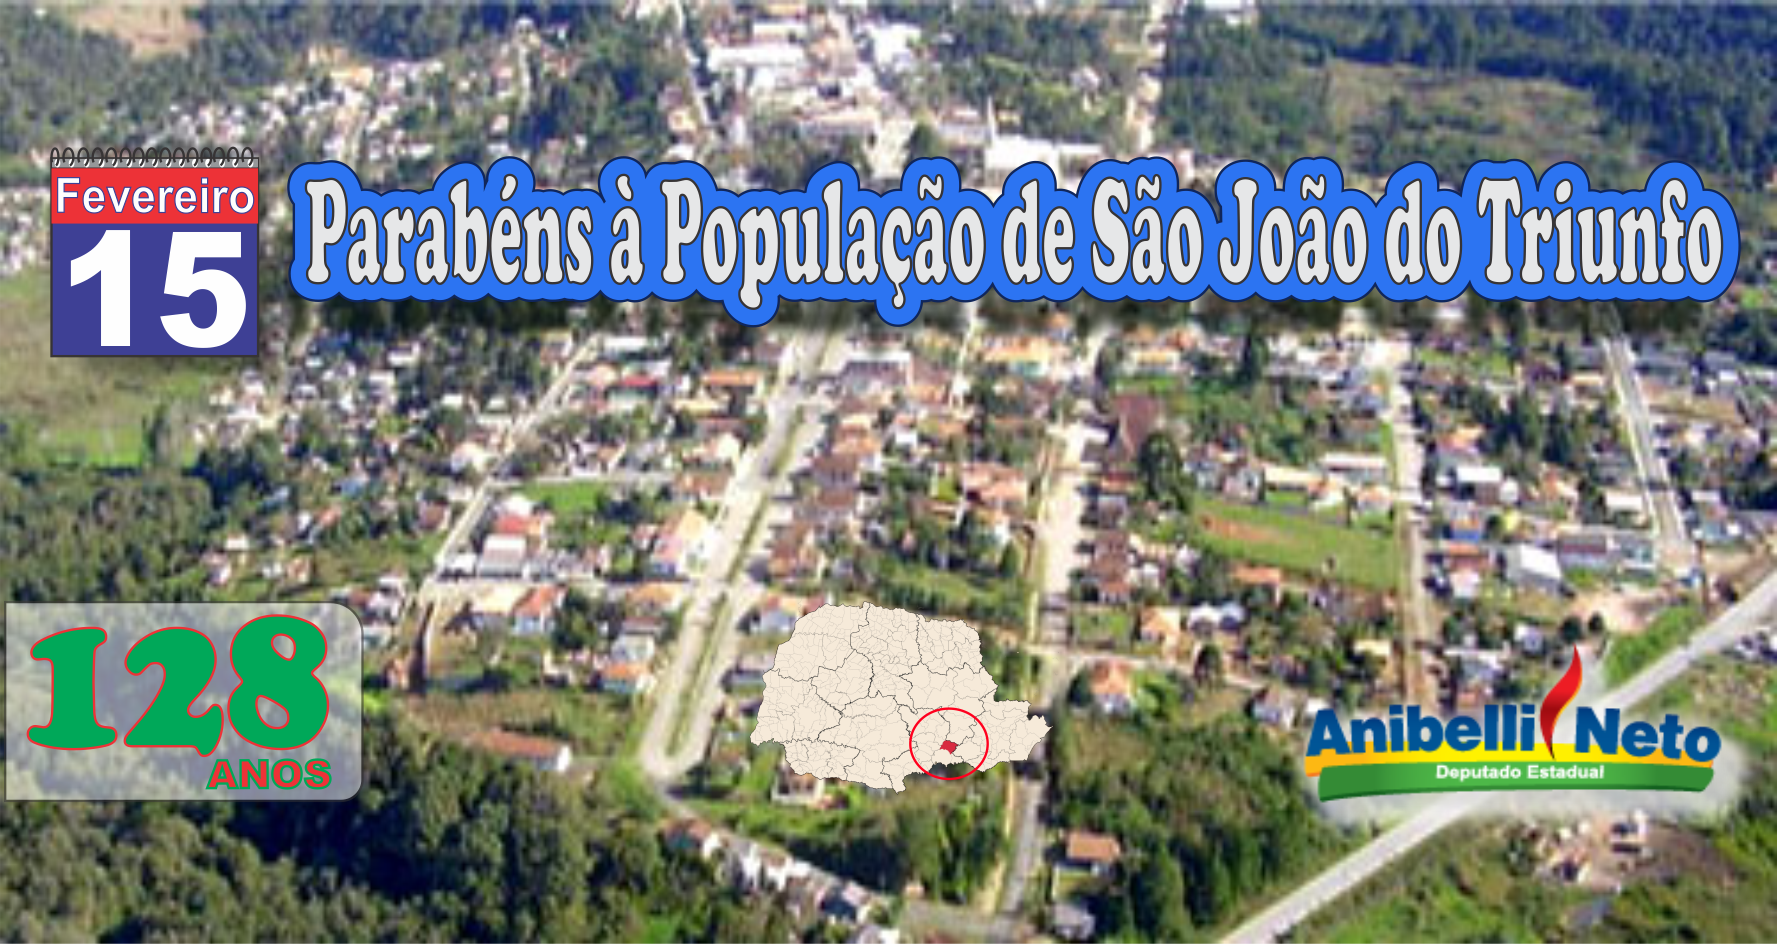 Parabéns à População de São João do Triunfo